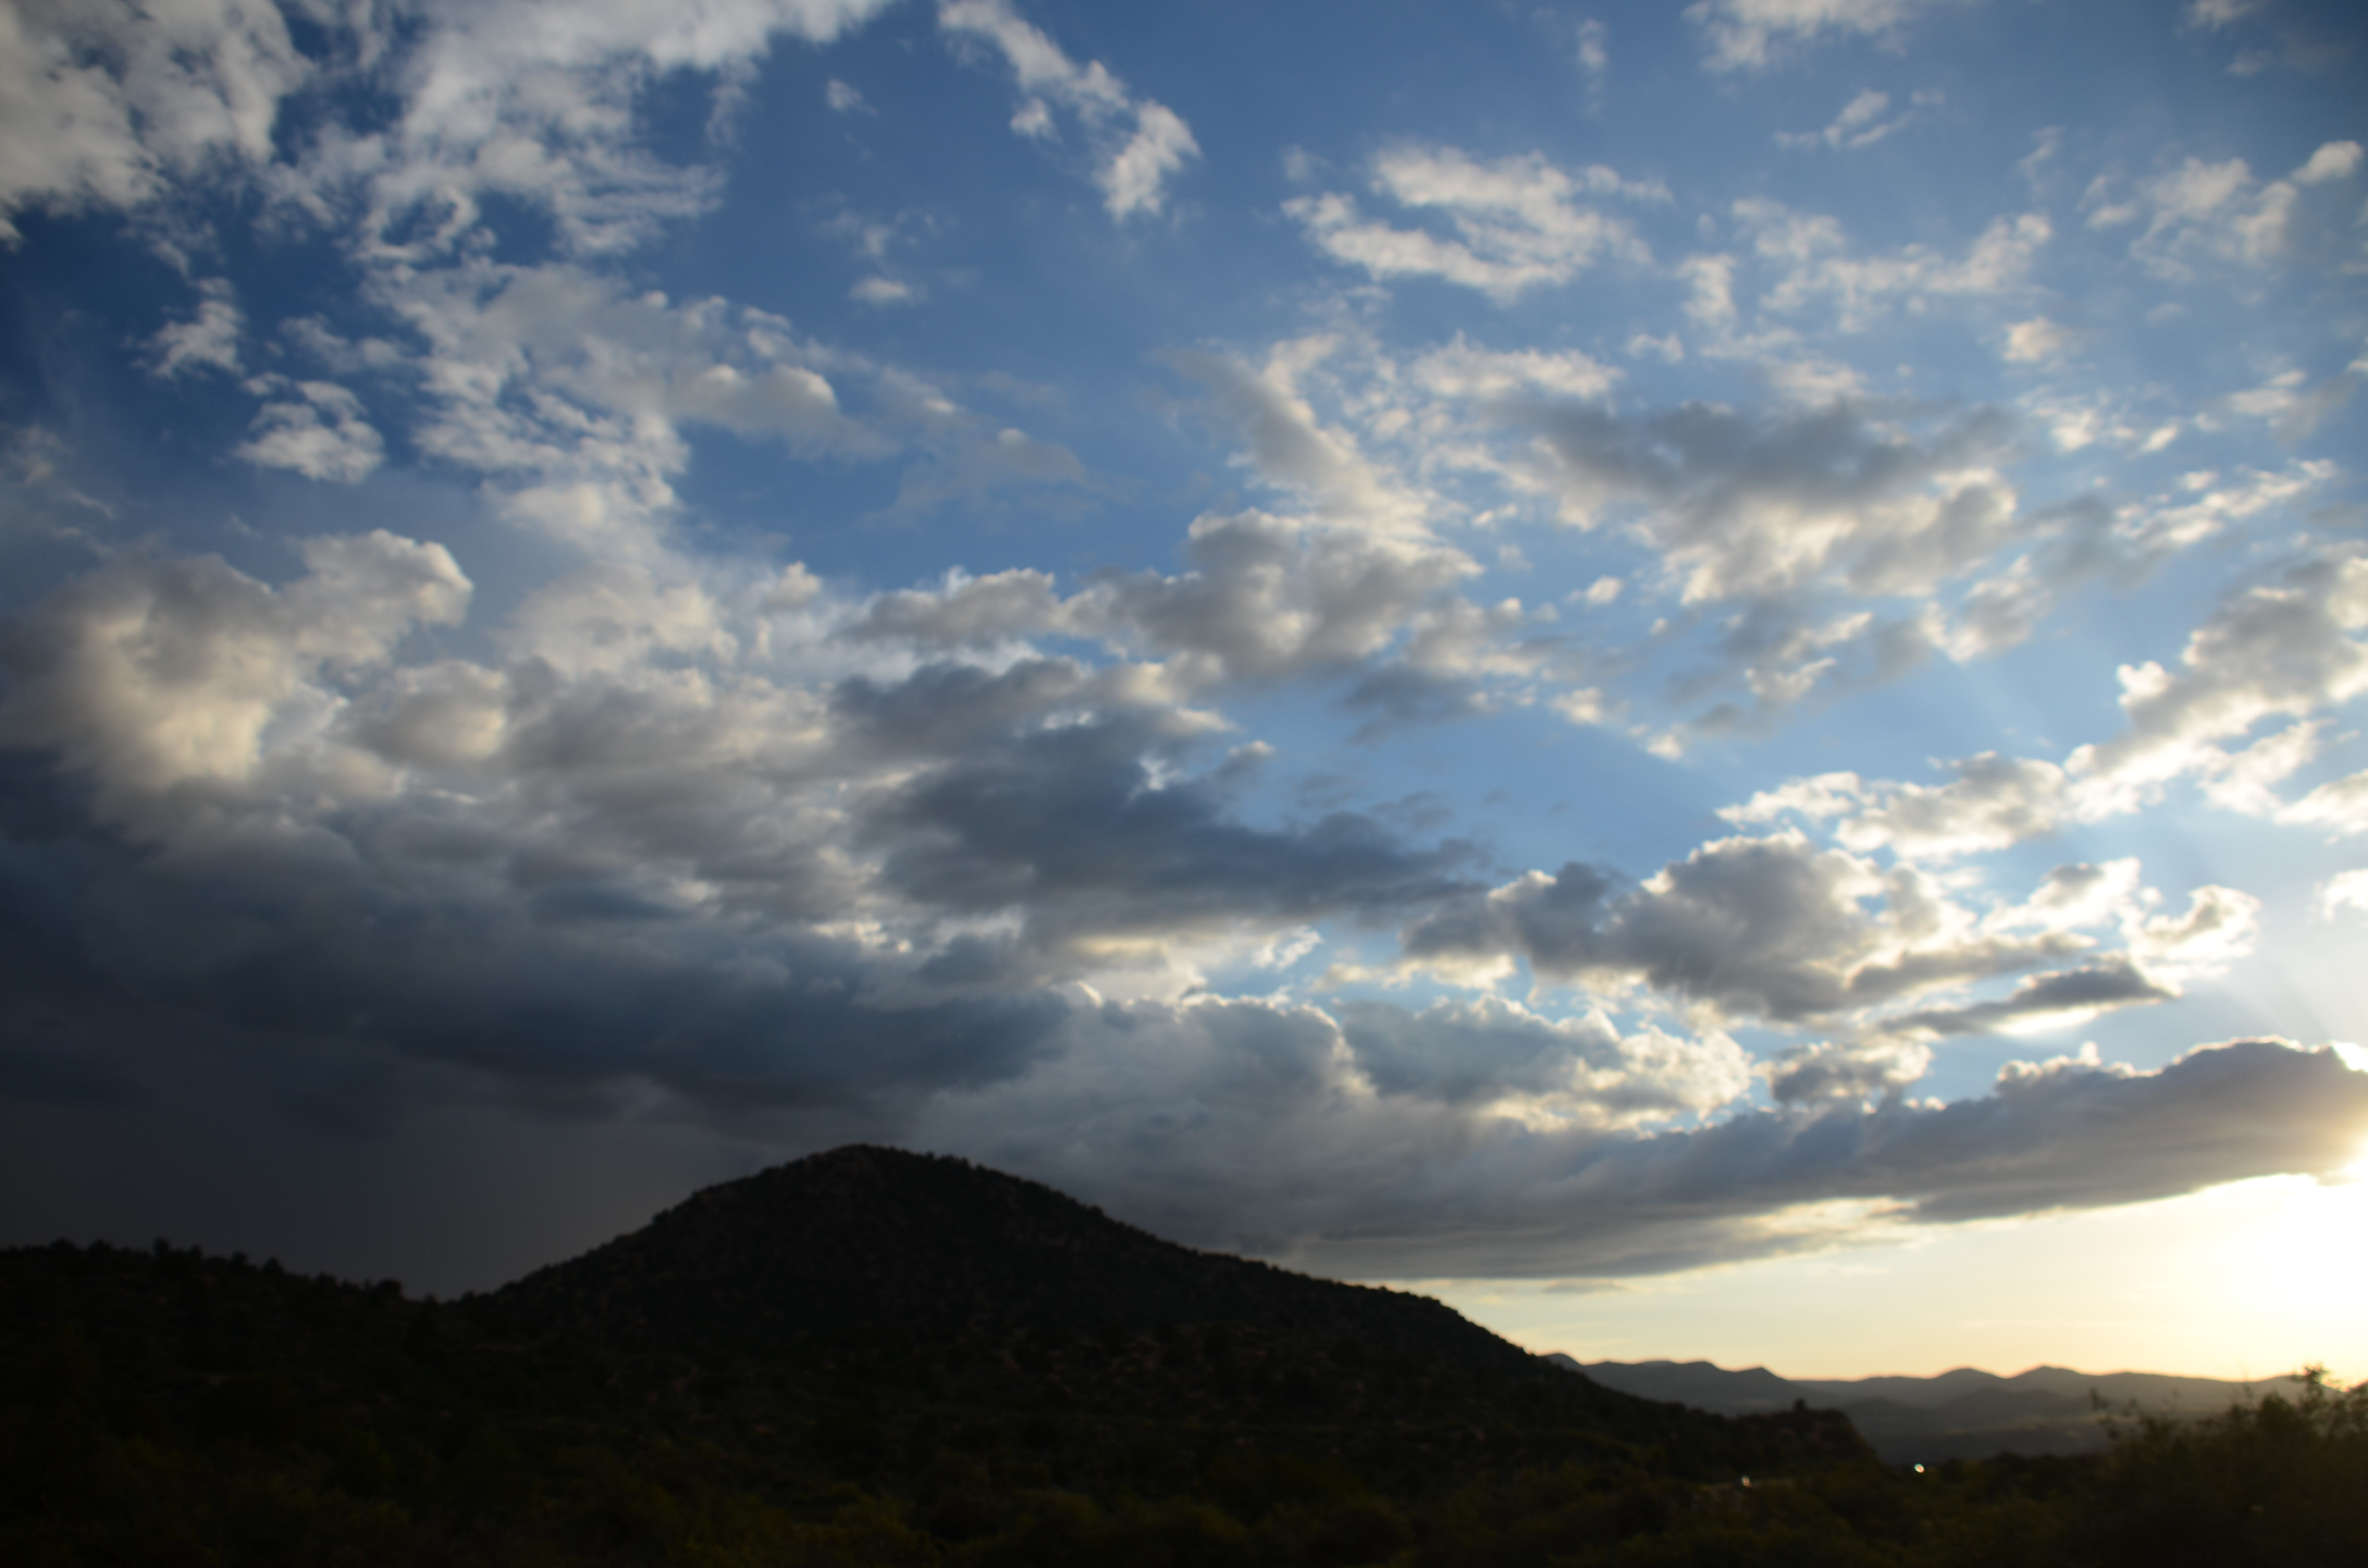 Arizona gila county young - Arizona